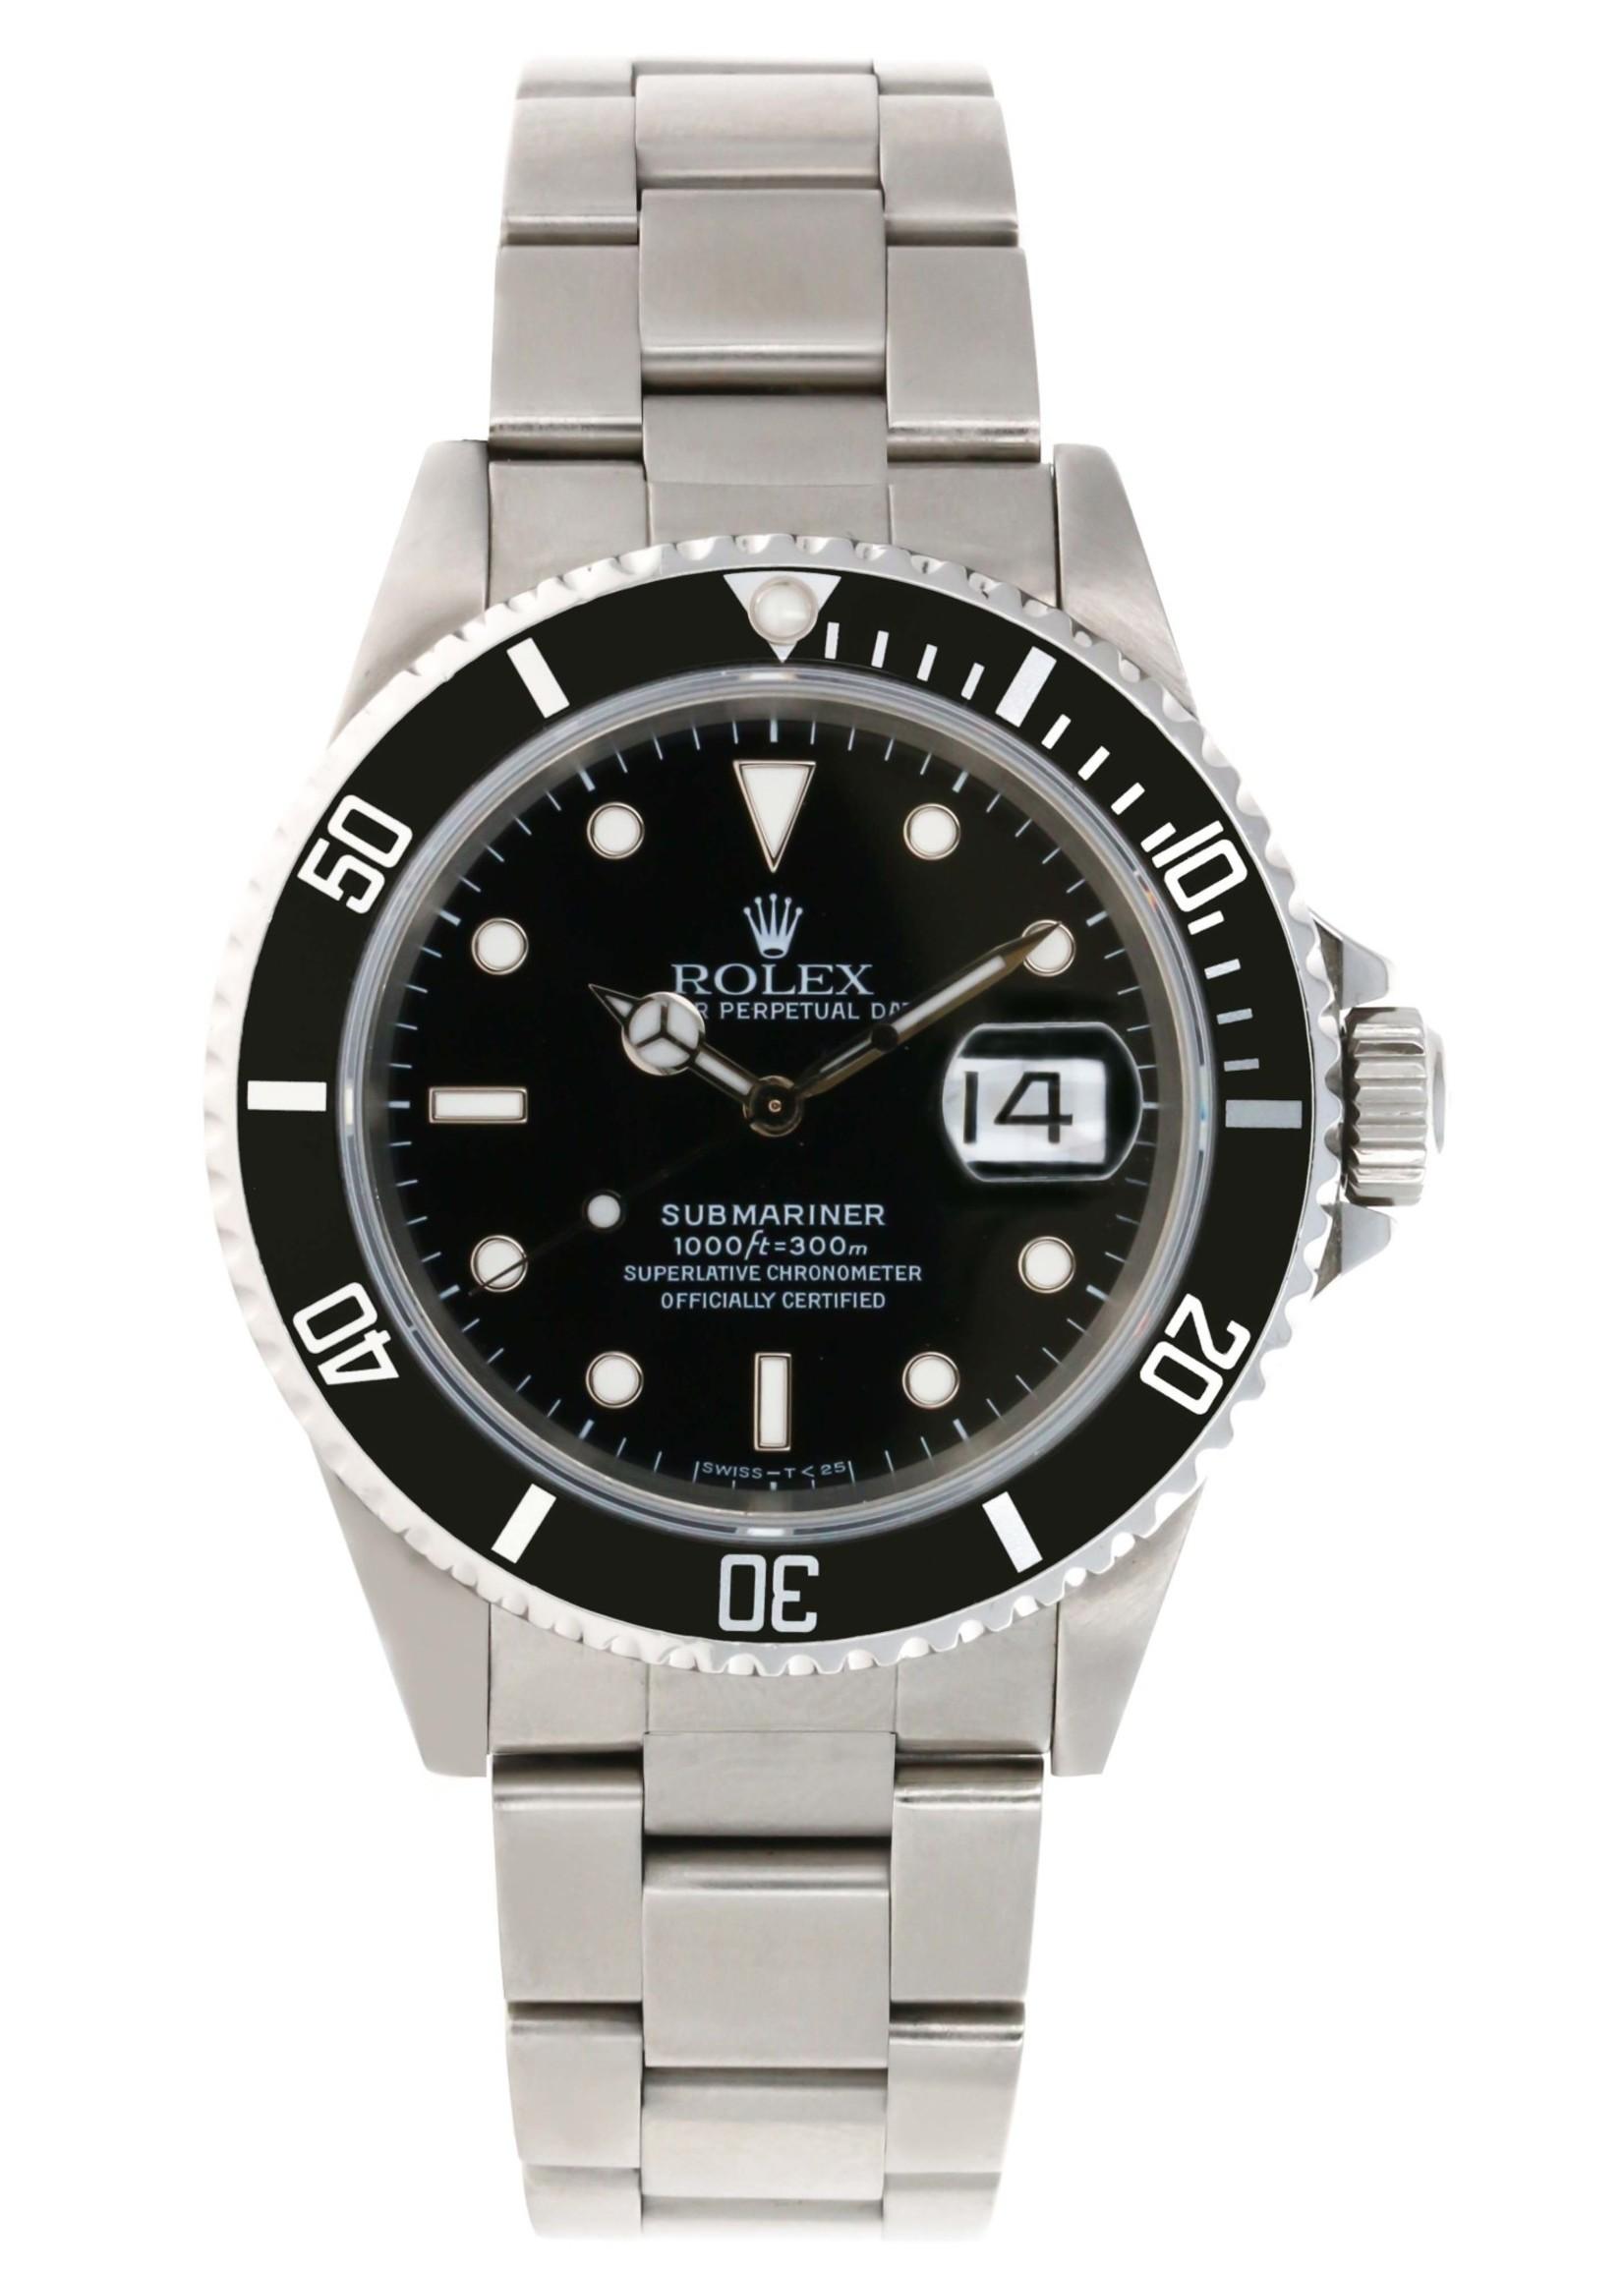 Rolex ROLEX SUBMARINER DATE BLACK 40MM(1995)  #116610LN